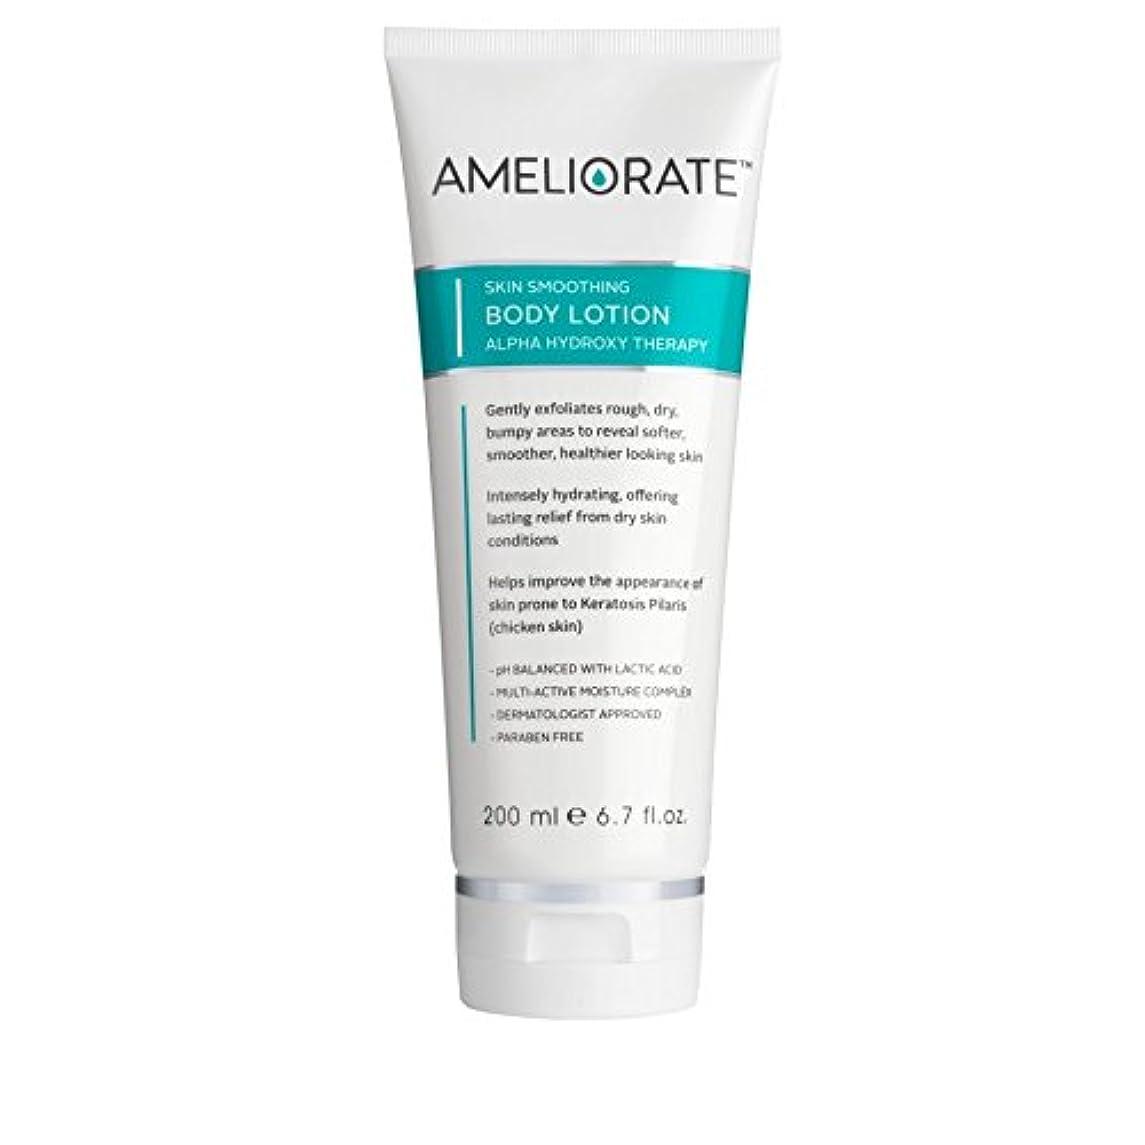 衰える柱みボディローション200ミリリットルを滑らかに肌を改善 x2 - Ameliorate Skin Smoothing Body Lotion 200ml (Pack of 2) [並行輸入品]